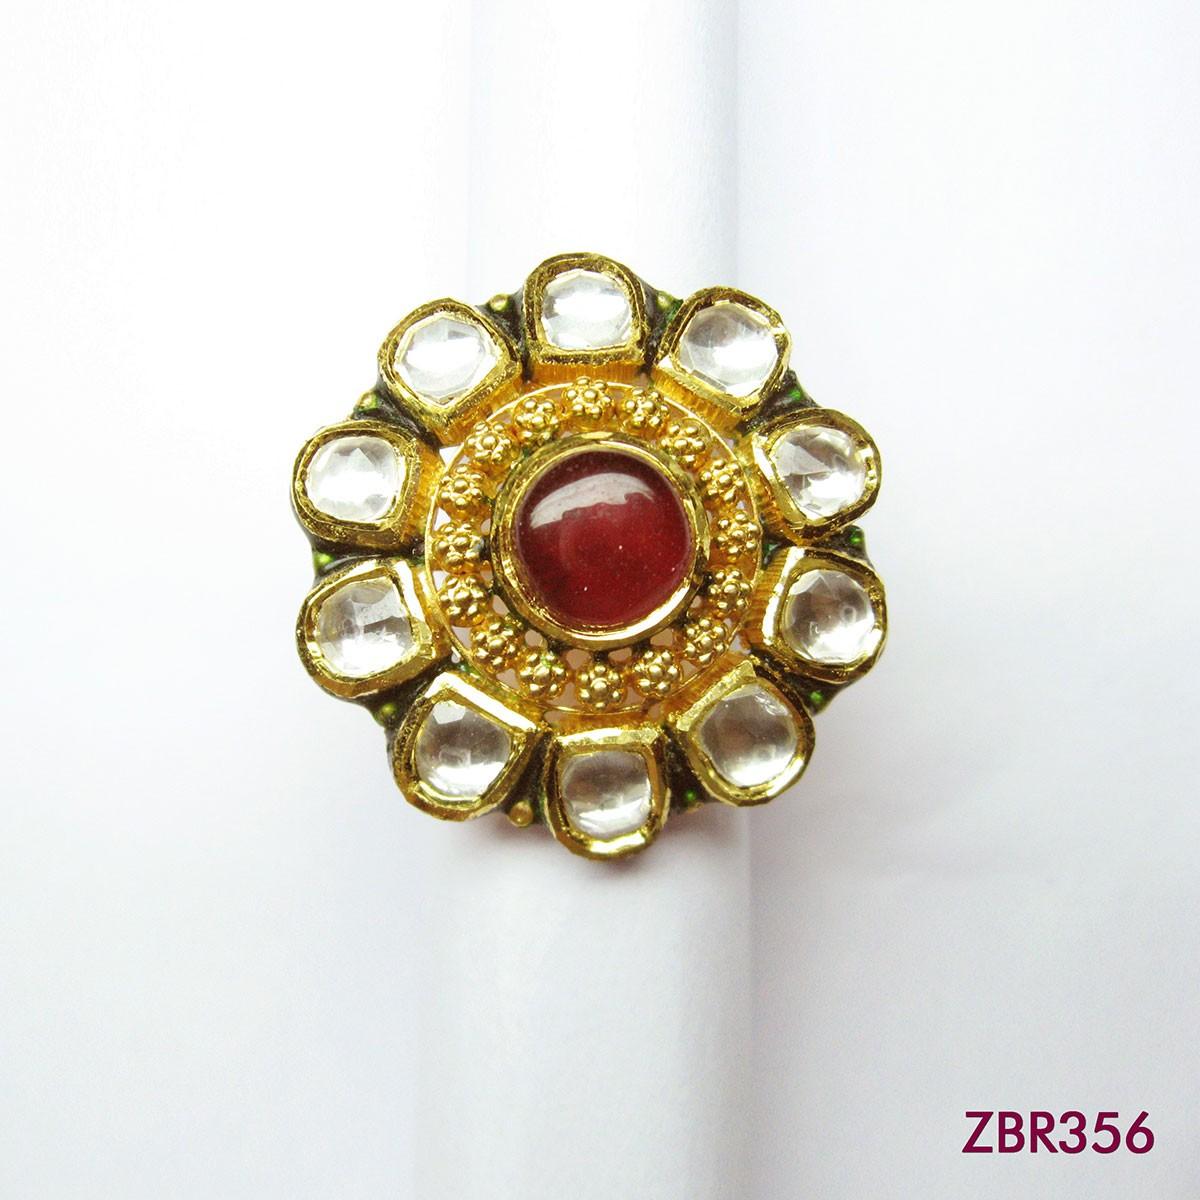 ZBR356